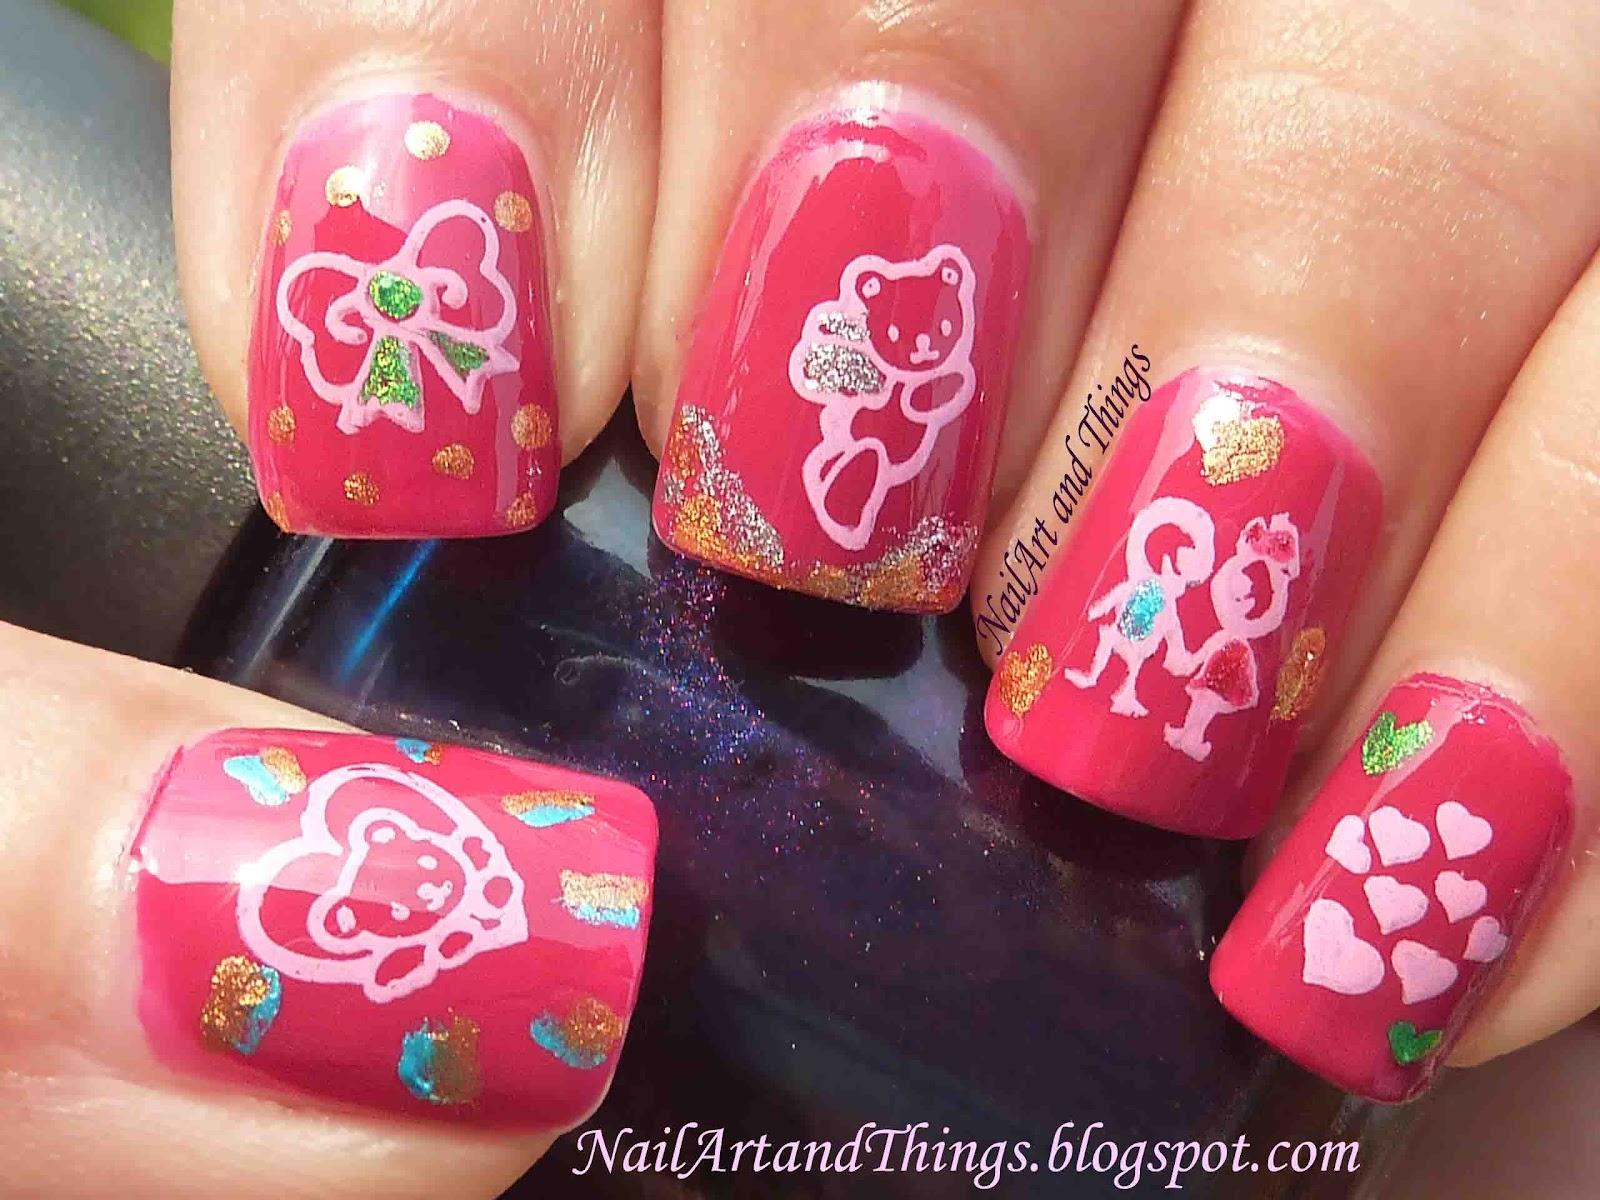 Nailart And Things Cute Teddy Nail Art